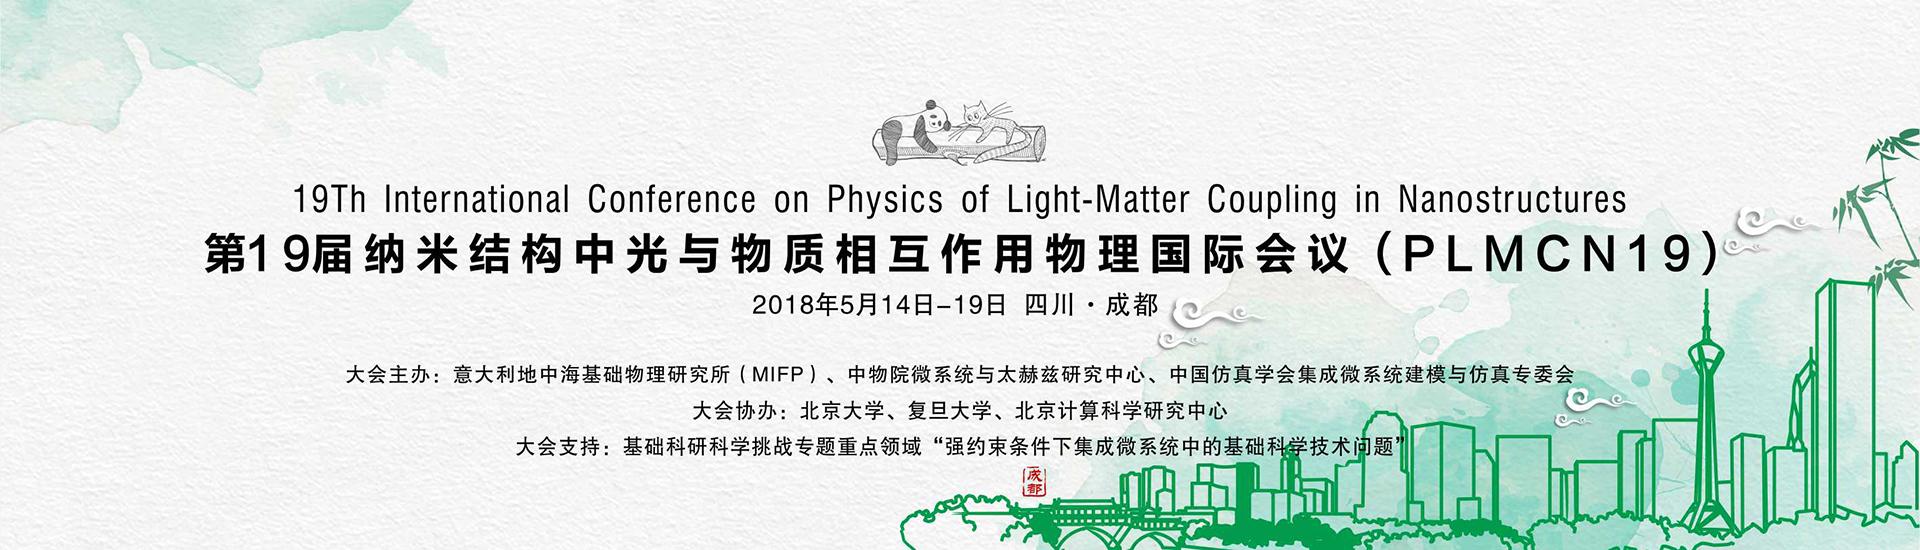 第 19 届纳米结构中光与物质相互作用物理国际会议(PLMCN19)